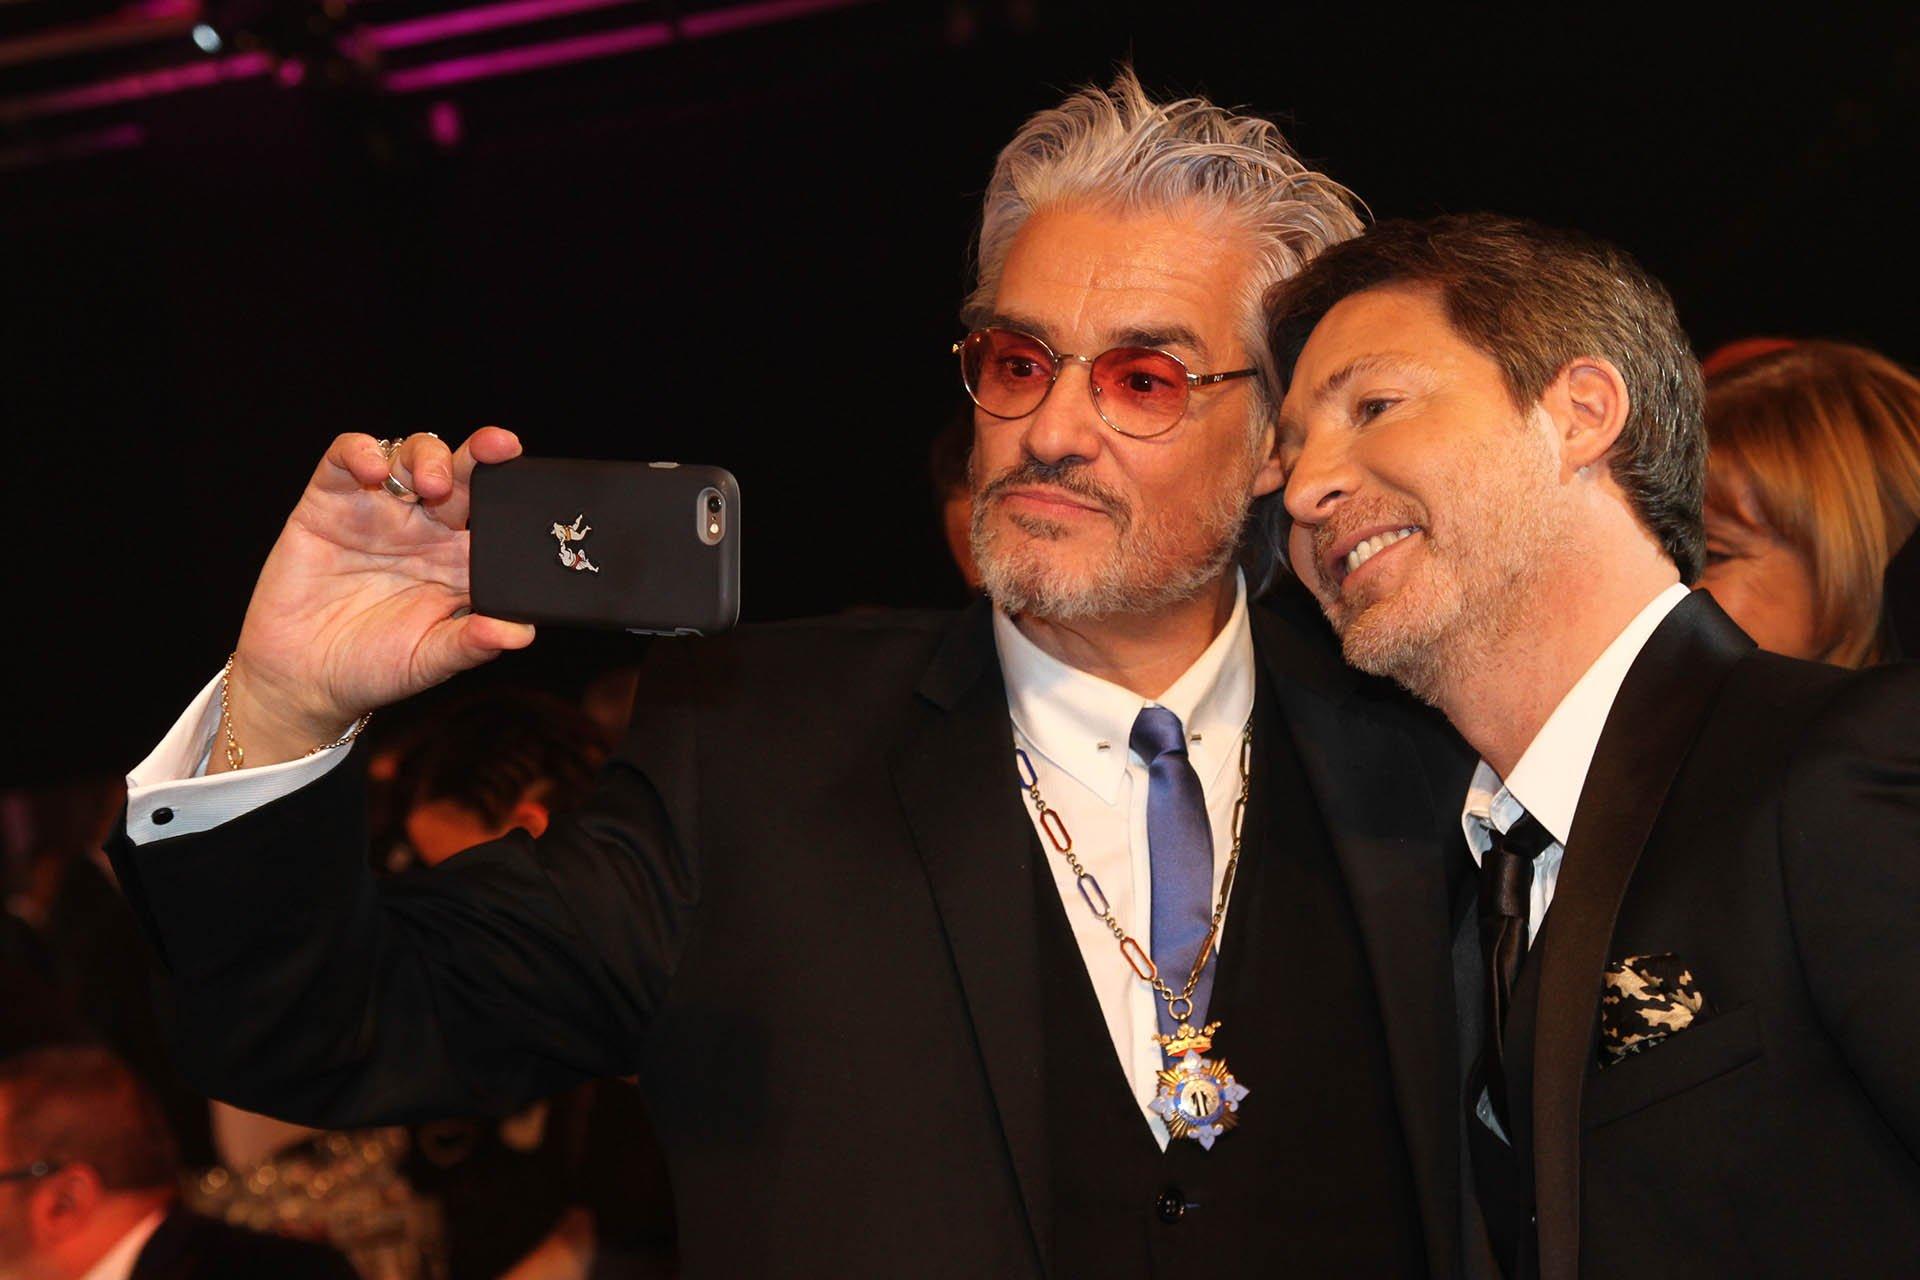 El conductor radial Roberto Pettinato y el actor y director Adrián Suar, otros que no se perdieron la oportunidad de una selfie para el recuerdo de los Martín Fierro 2016